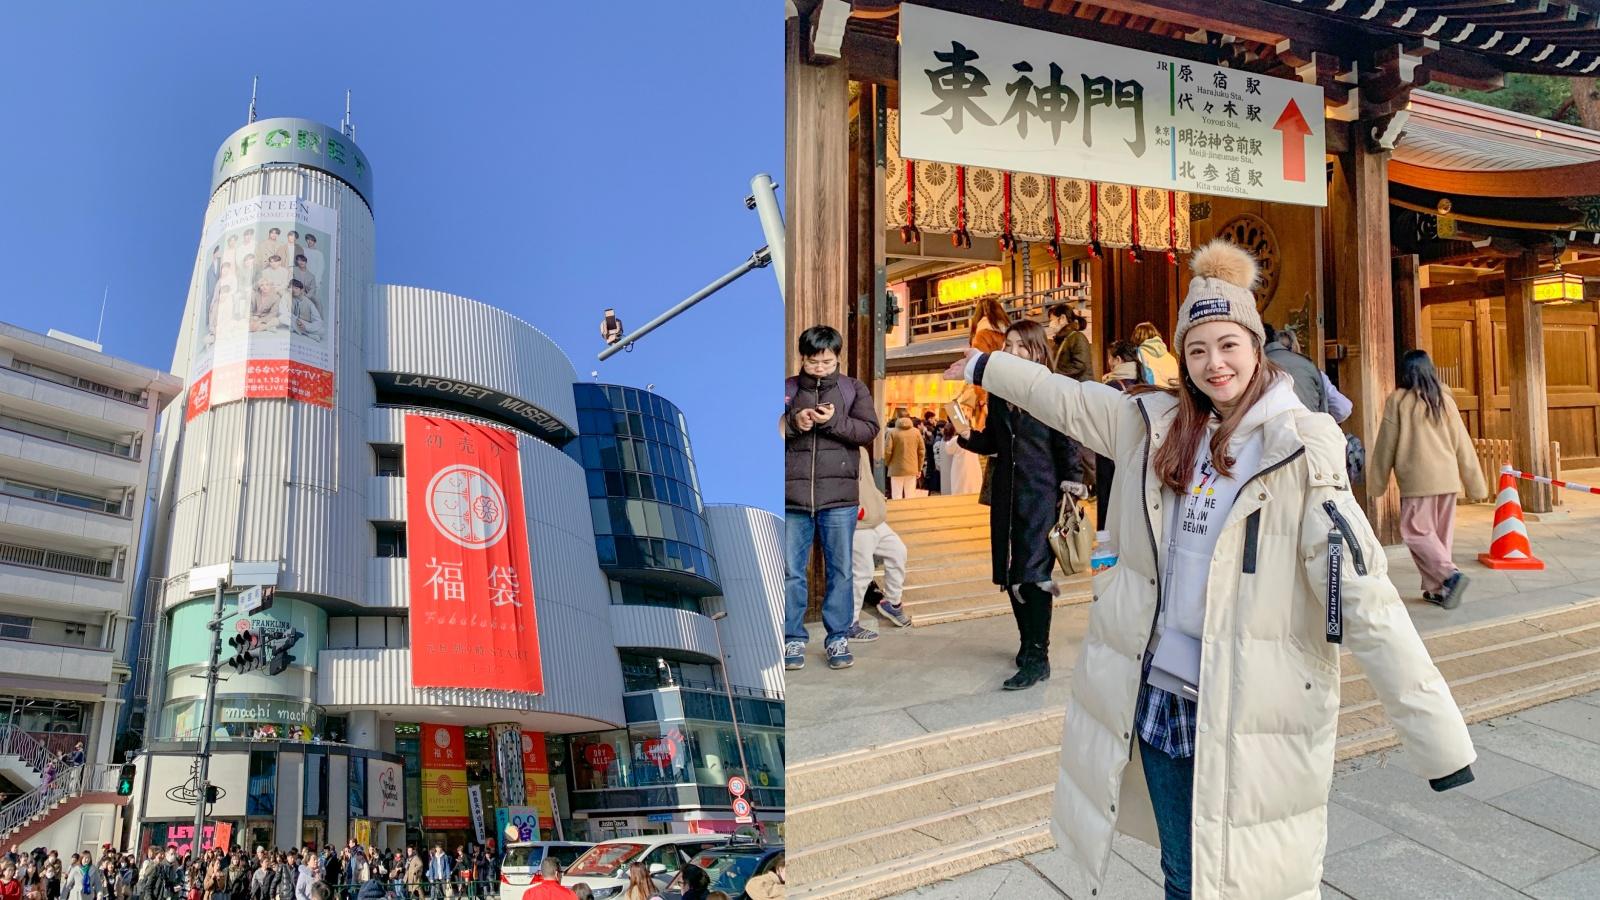 ☆【2020。東京】日本的元旦:初詣、抽福袋、折扣季買買買!明治神宮+原宿逛街地圖 @凱的日本食尚日記